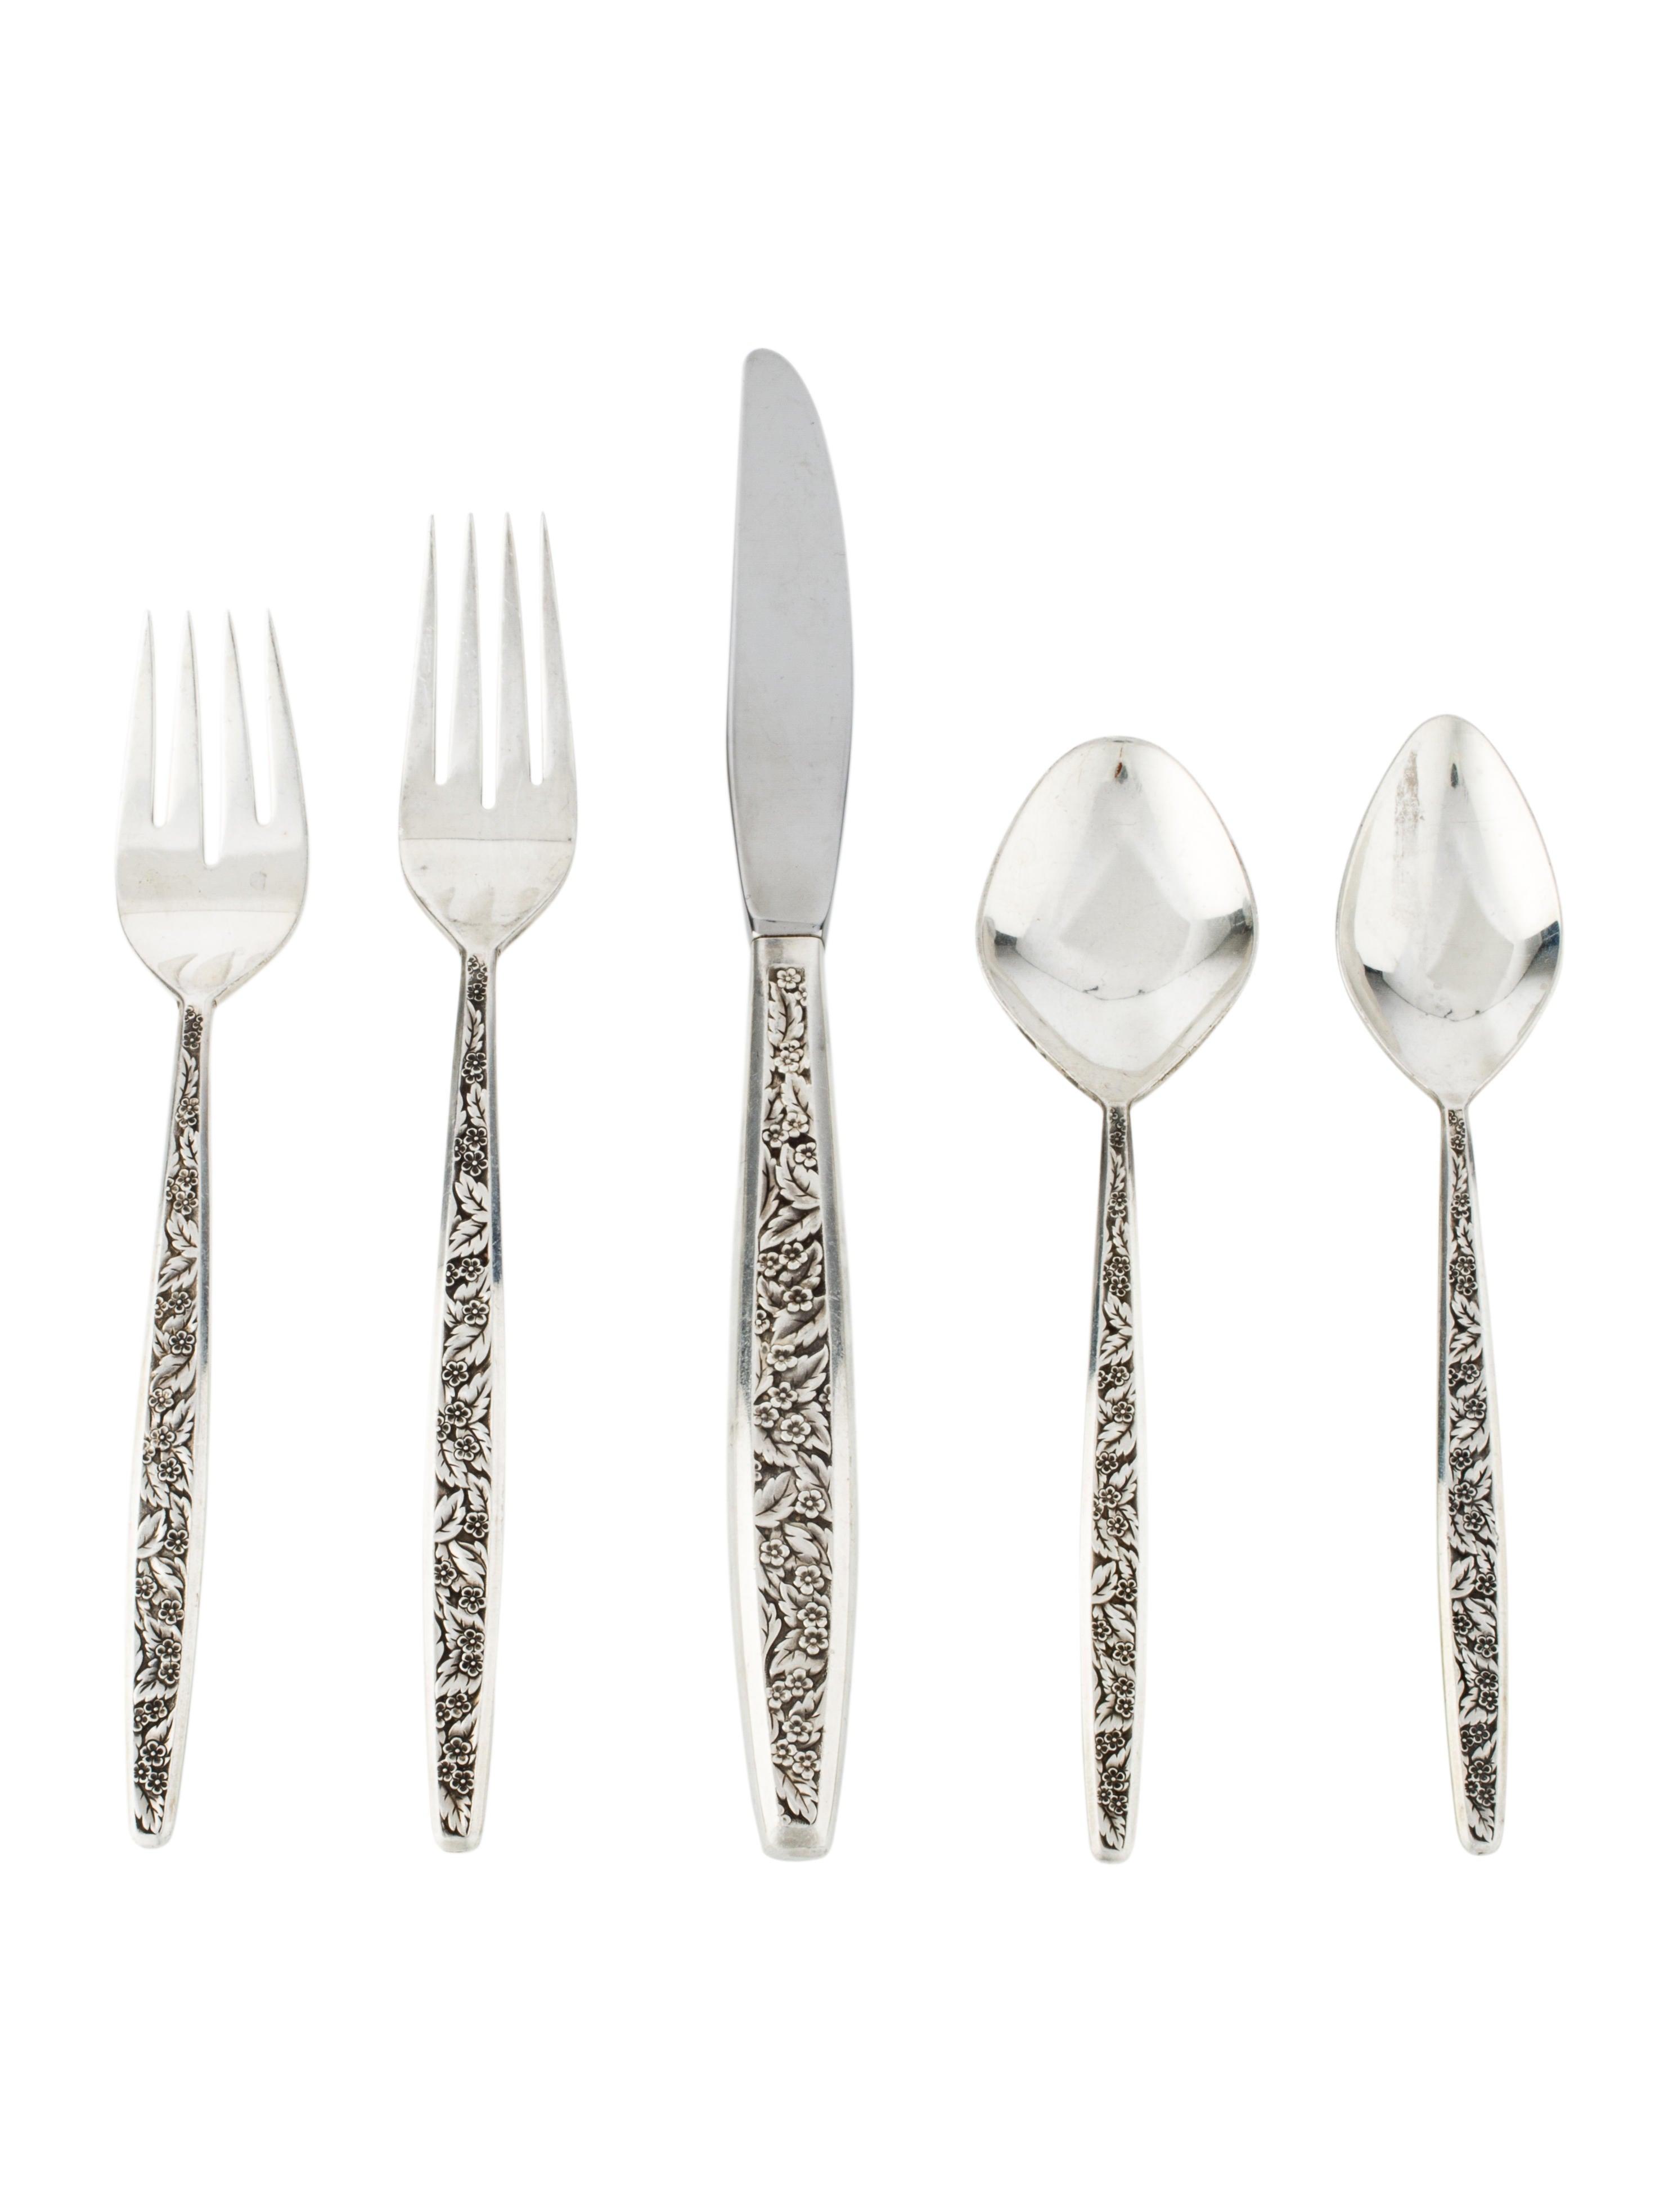 Sterling Silver Flatware International Valencia Regular Fork